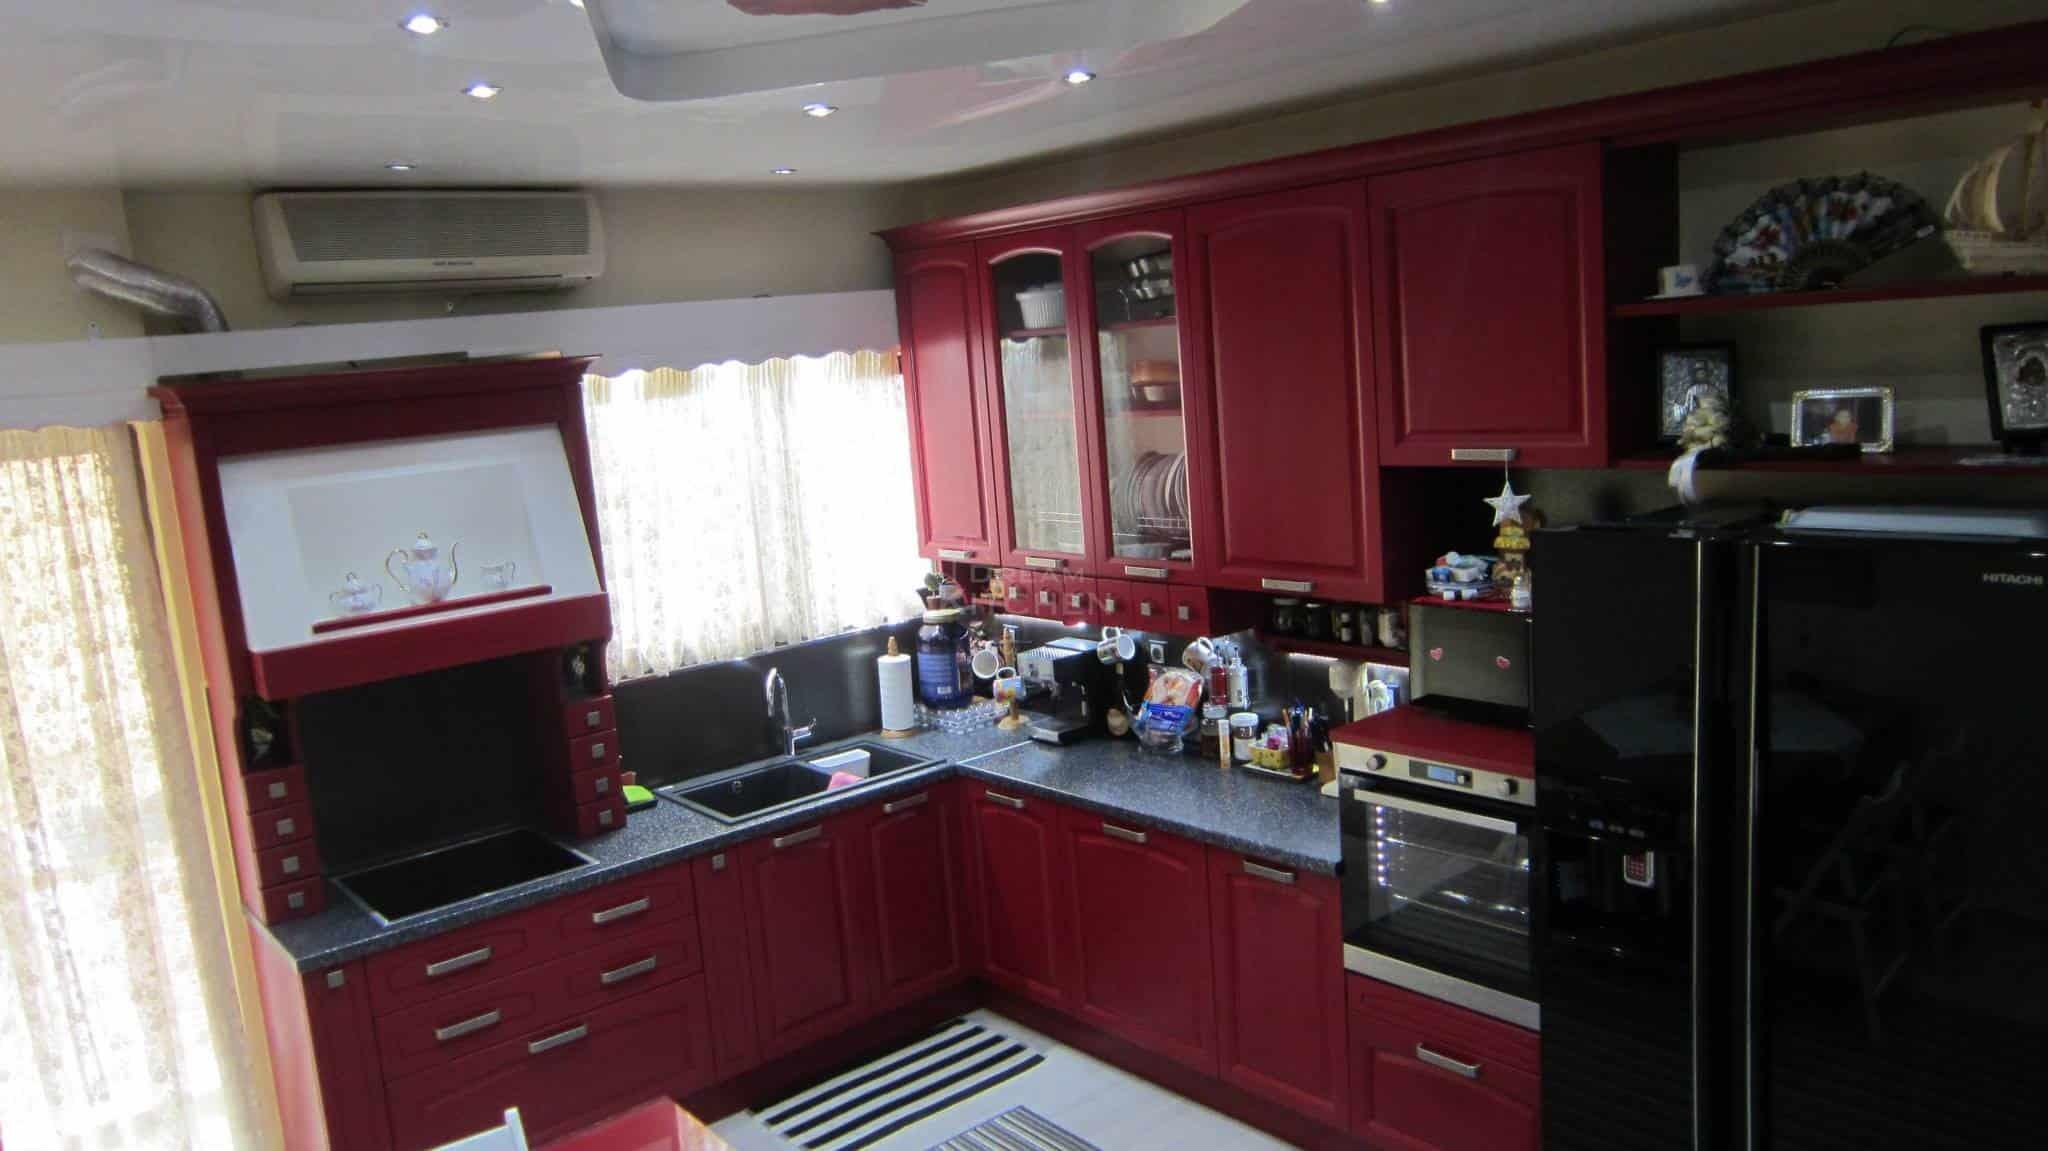 κουζίνα ημιμασίφ Midacharme σε κόκκινο χρώμα